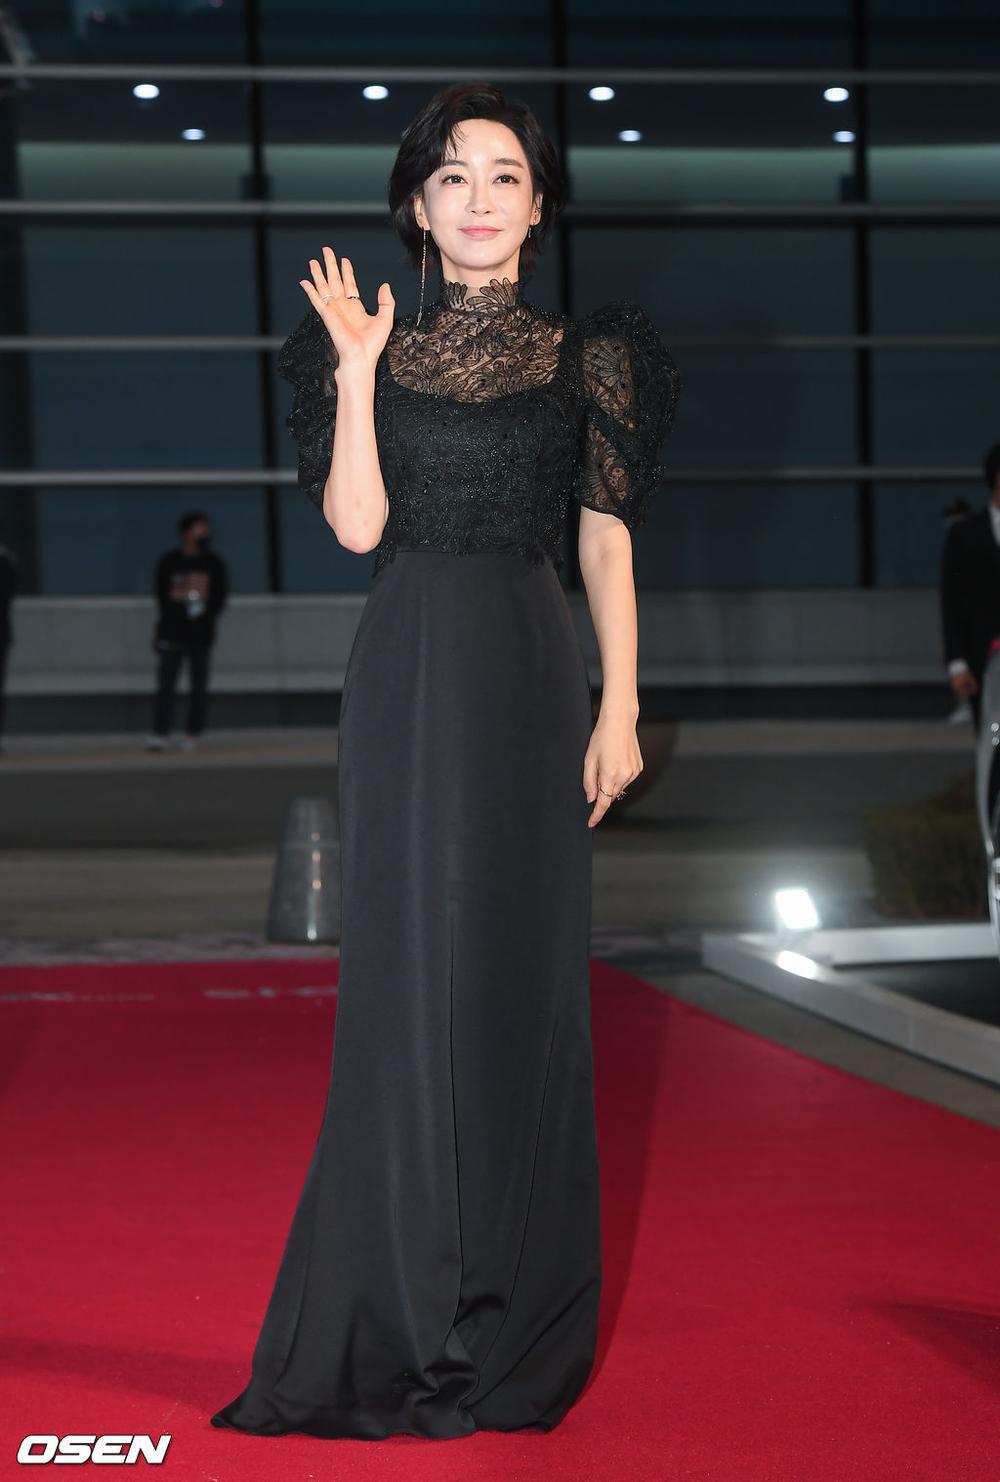 'Buil Film Awards 2020': Điên nữ Seo Ye Ji khoe ngực khủng, xuất thần cùng Lee Byung Hun trên thảm đỏ Ảnh 12